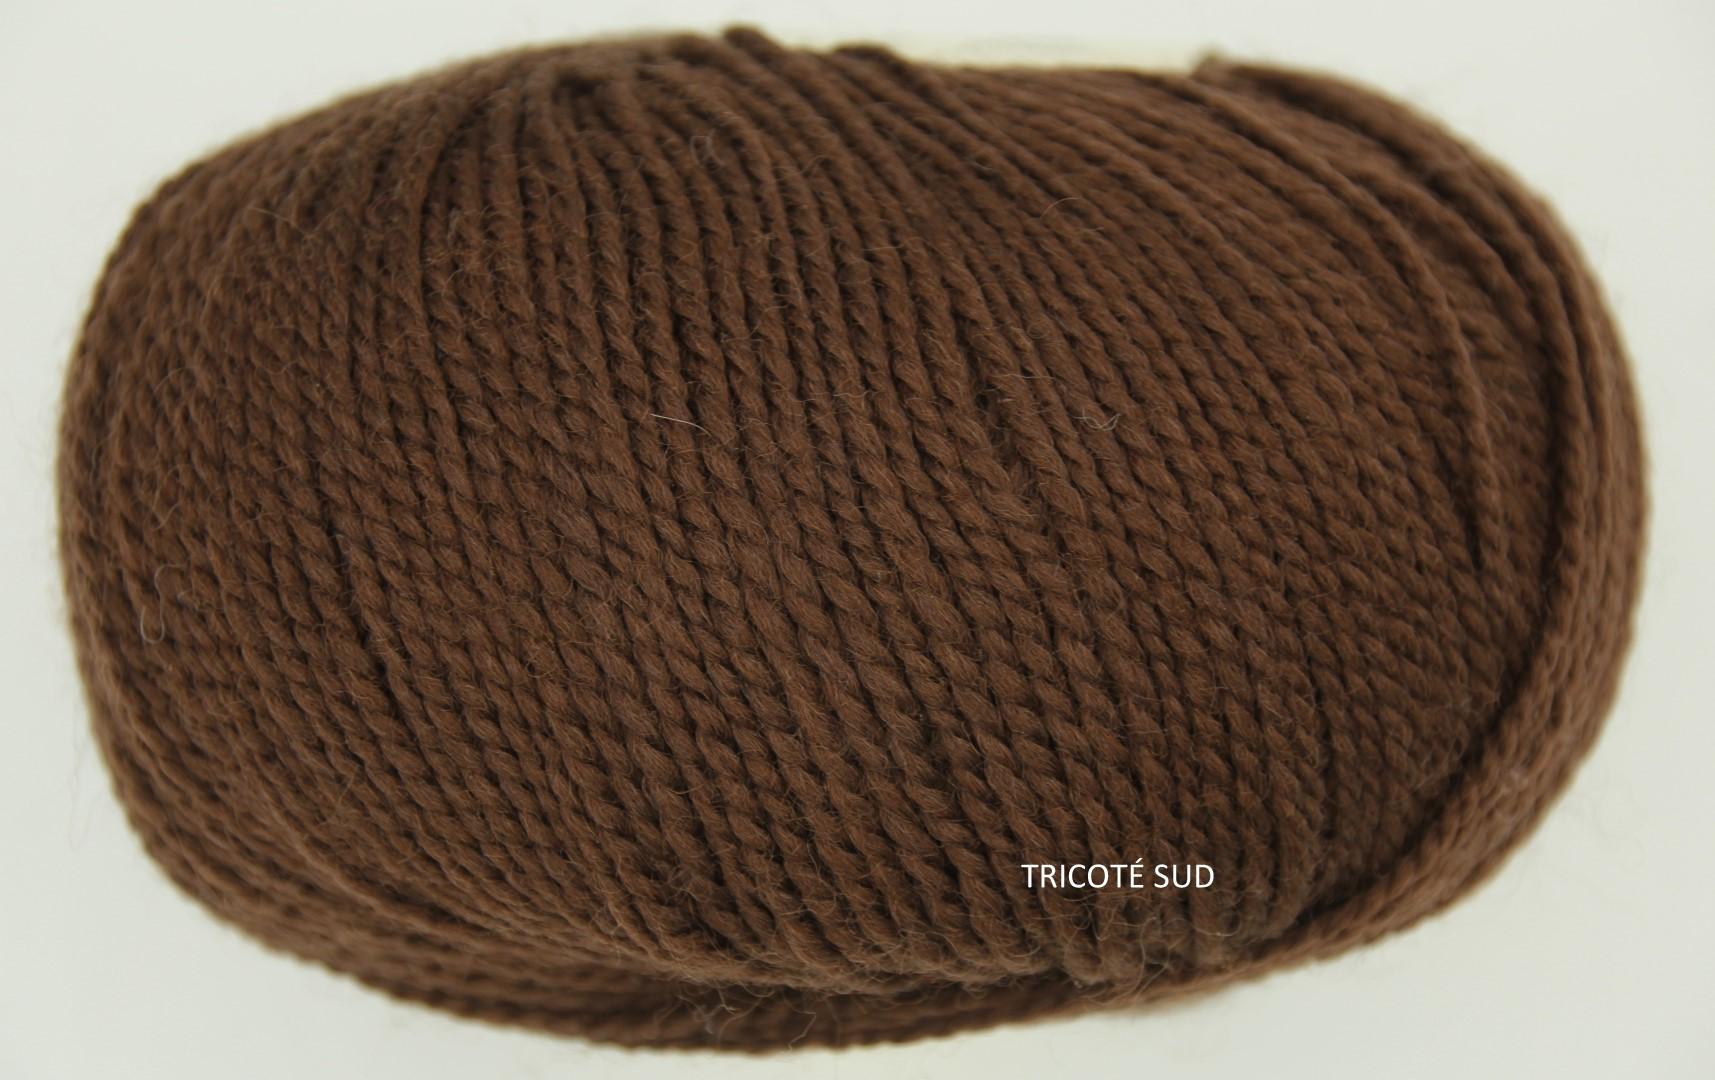 SEMILLA BCGARN COLORIS 19 (Large)